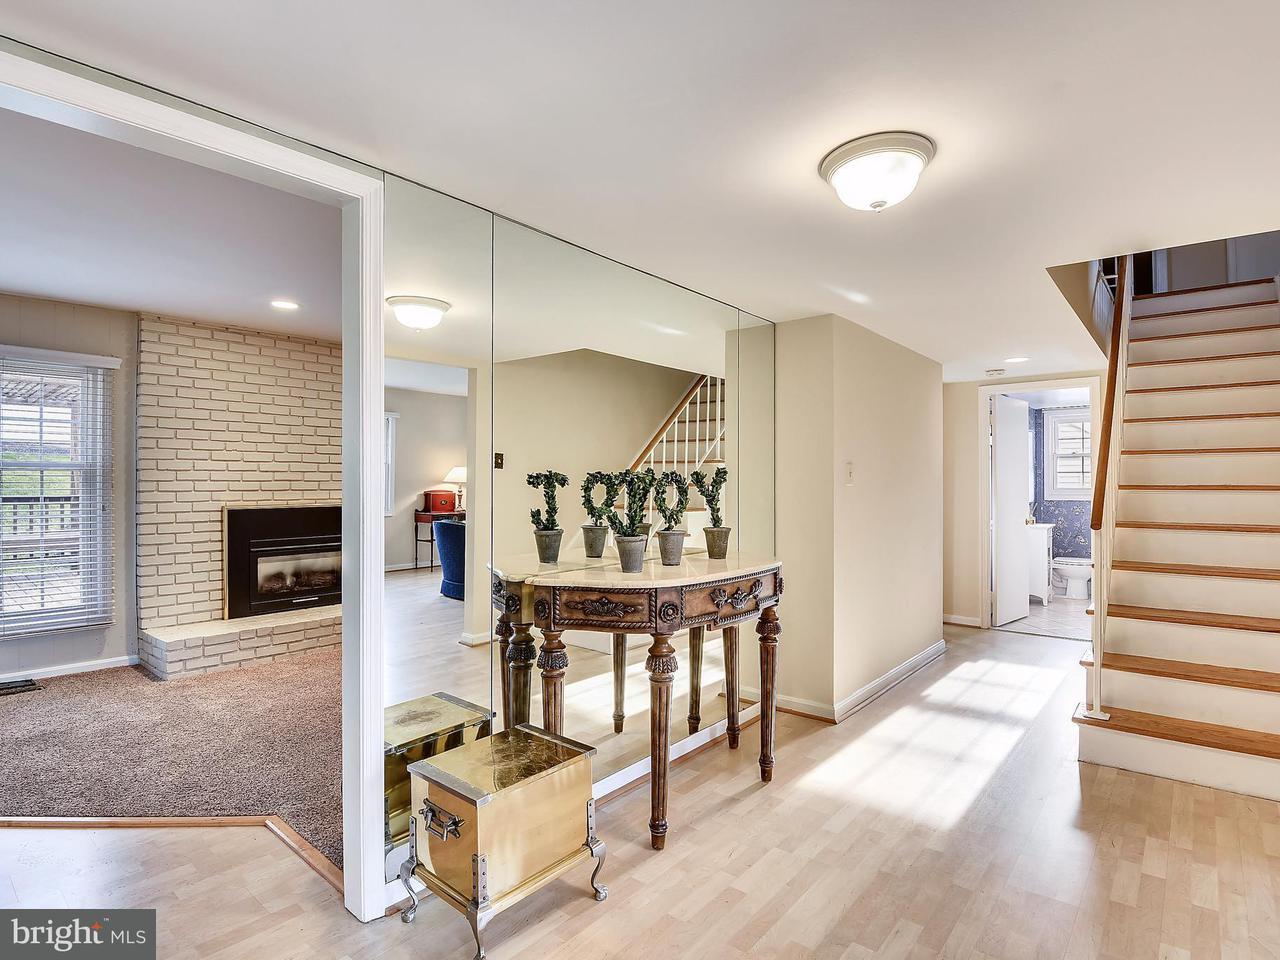 一戸建て のために 売買 アット 13813 BEACON HOLLOW Lane 13813 BEACON HOLLOW Lane Silver Spring, メリーランド 20906 アメリカ合衆国